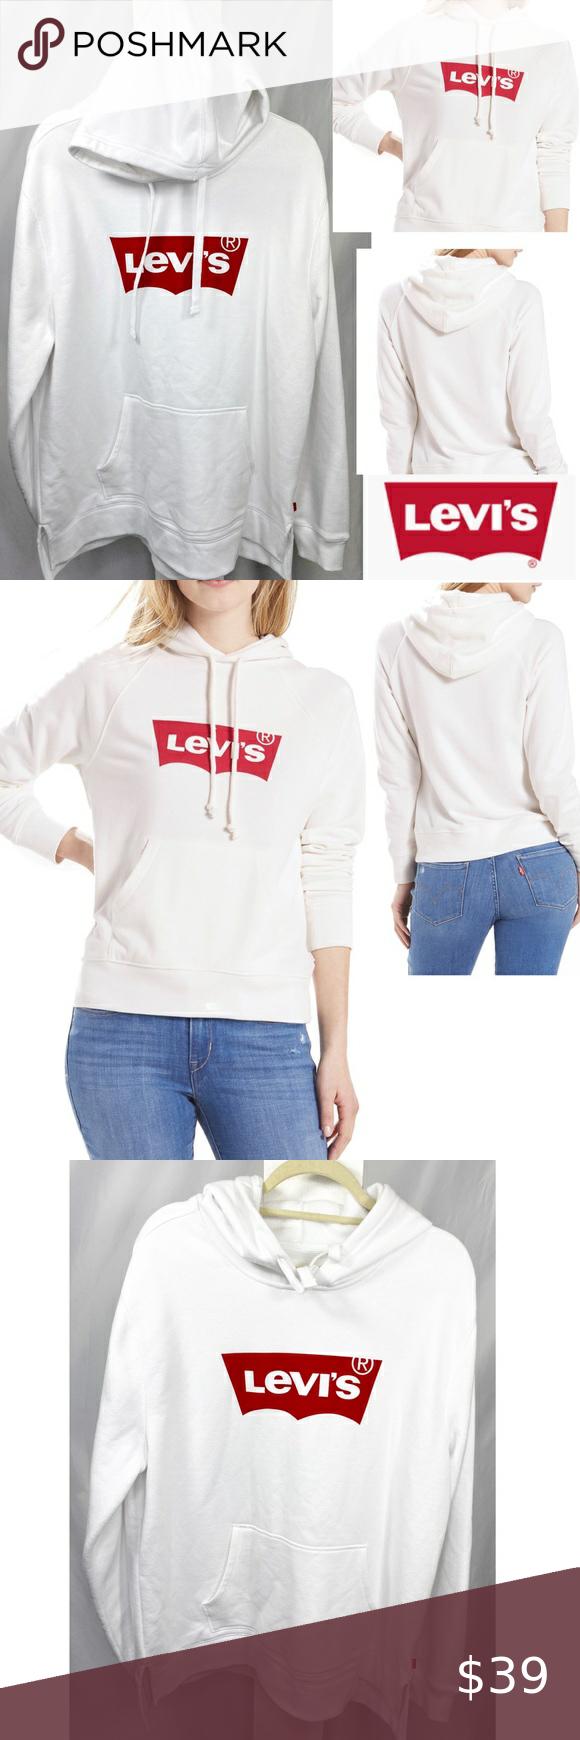 Levi S Batwing Logo Hoodie Top Sweatshirt Sweater Hoodie Top Sweatshirts Hoodie Top Sweatshirt Sweater [ 1740 x 580 Pixel ]